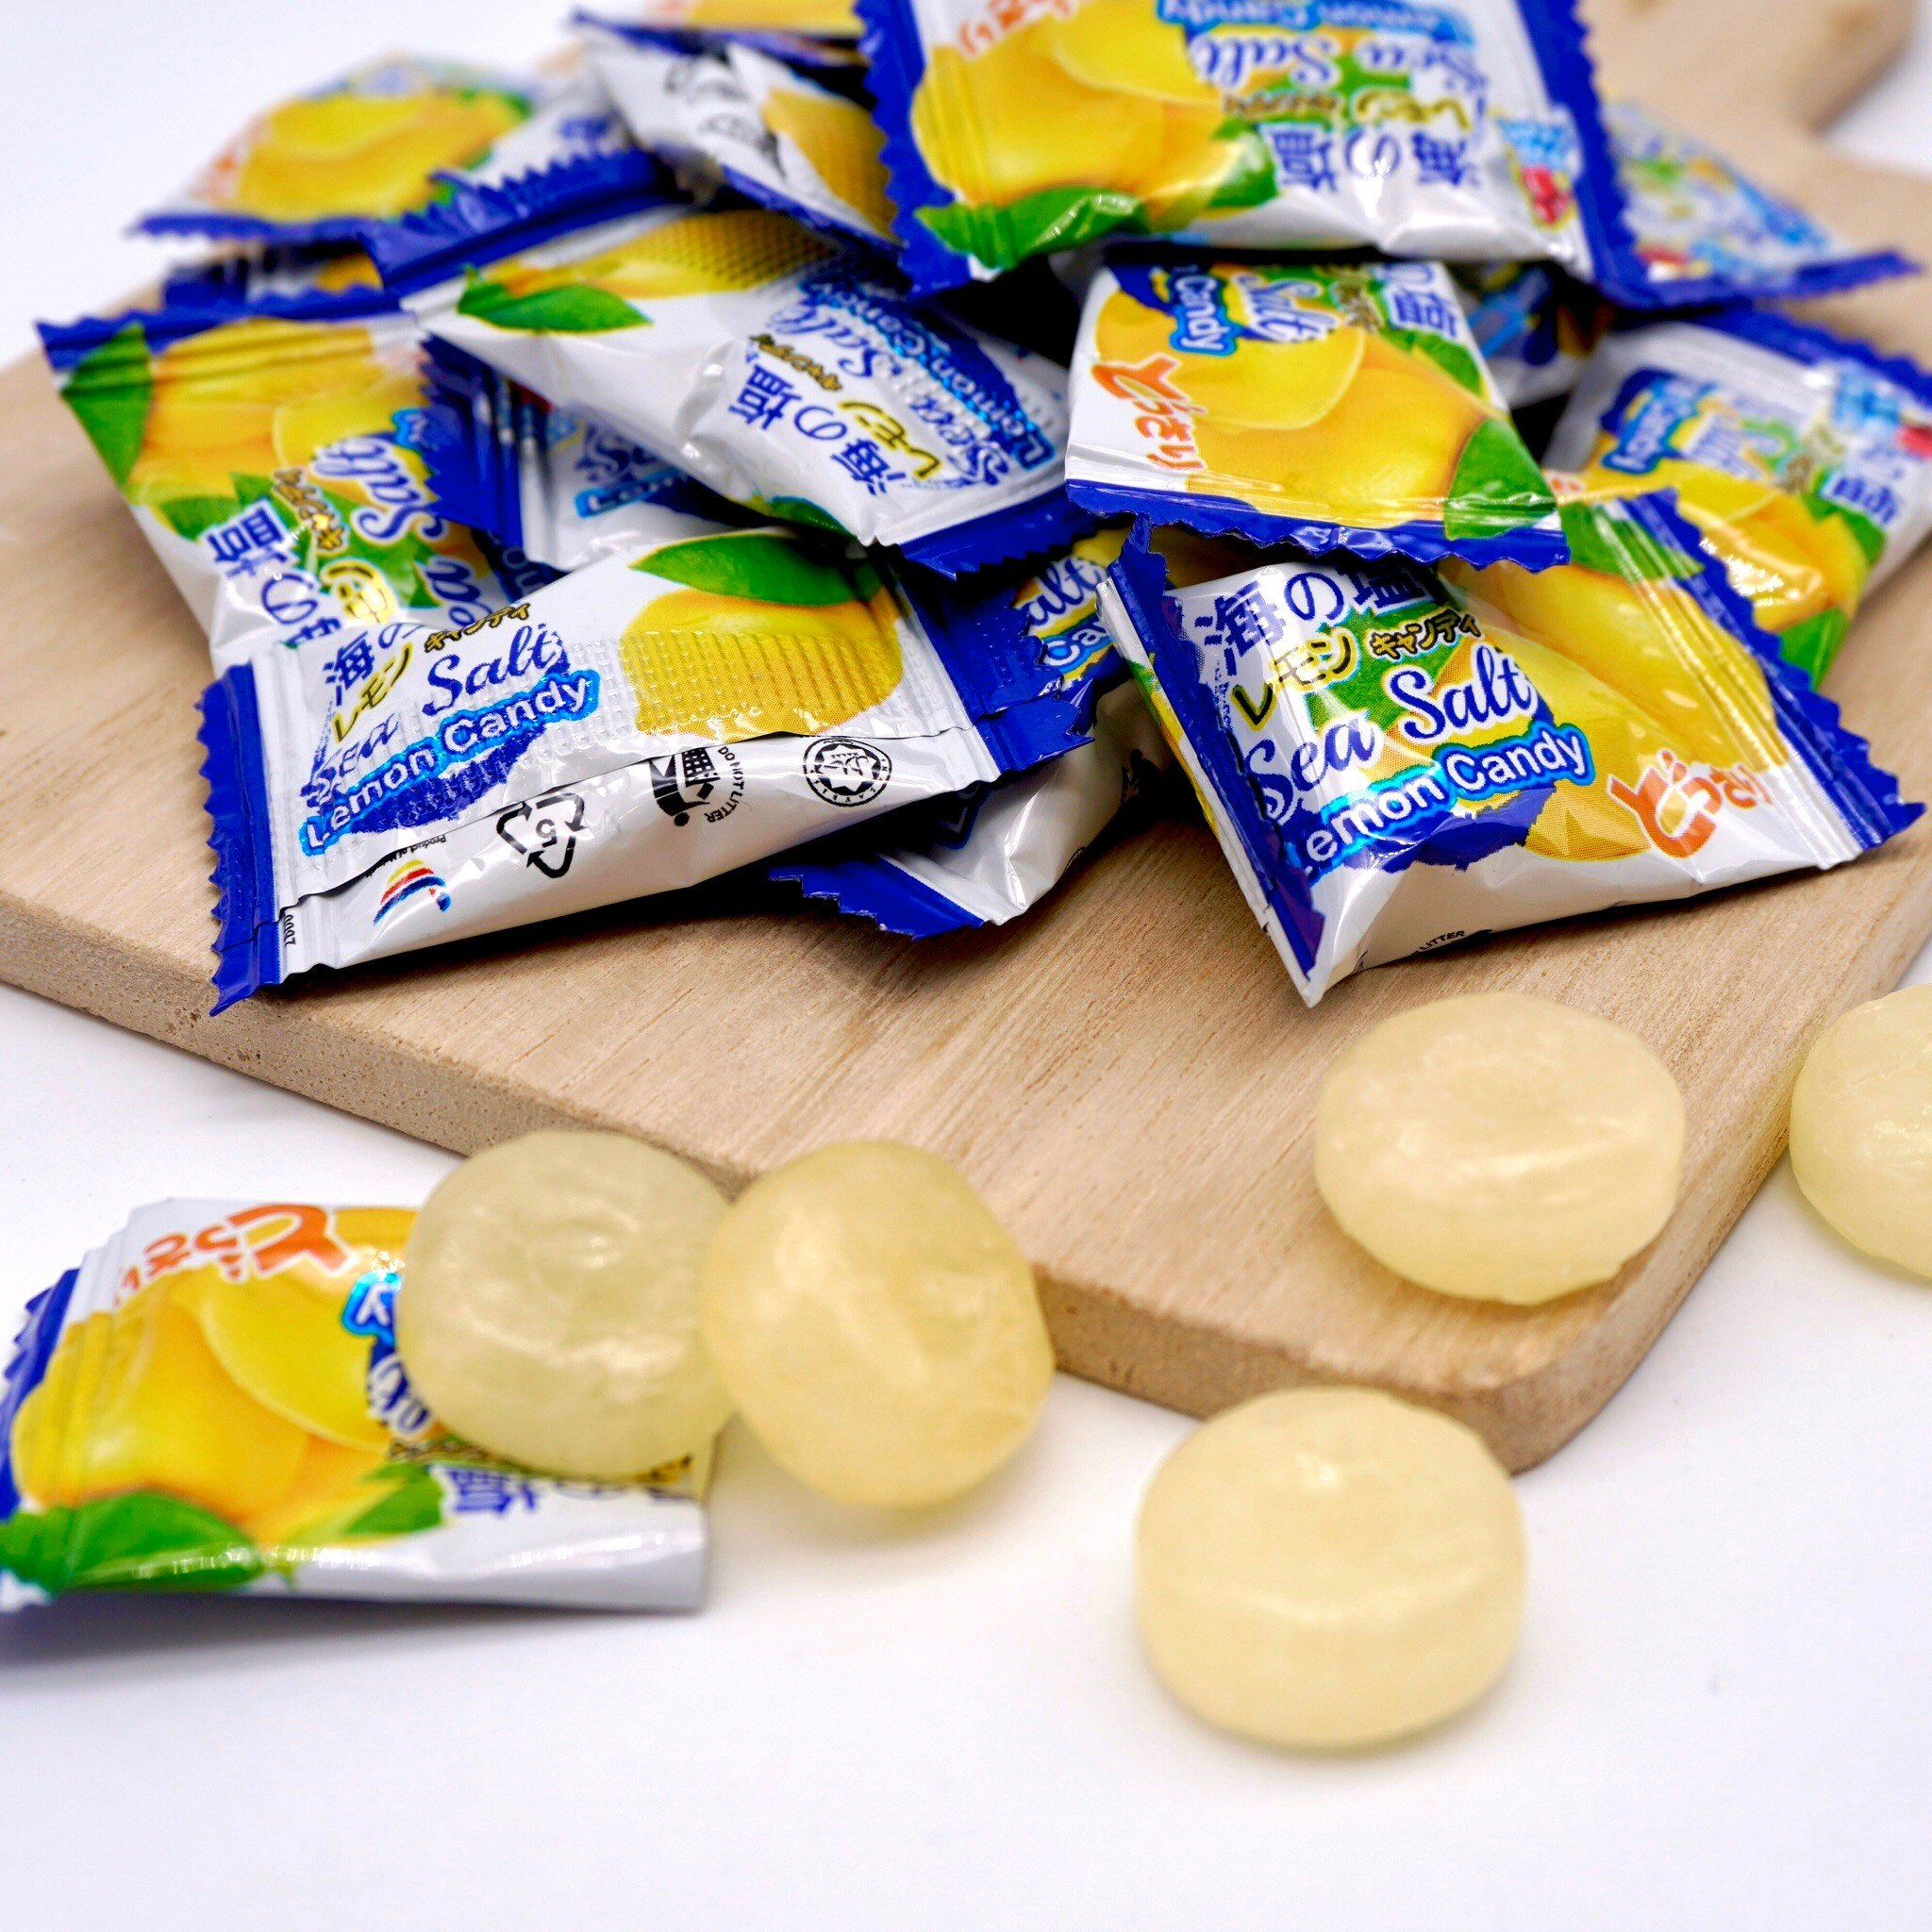 嘴甜甜 BF薄荷玫瑰鹽檸檬糖 200公克 糖果系列 BigFoot 檸檬糖 海鹽糖 玫瑰檸檬 岩鹽 大腳丫 檸檬鹽 素食 現貨